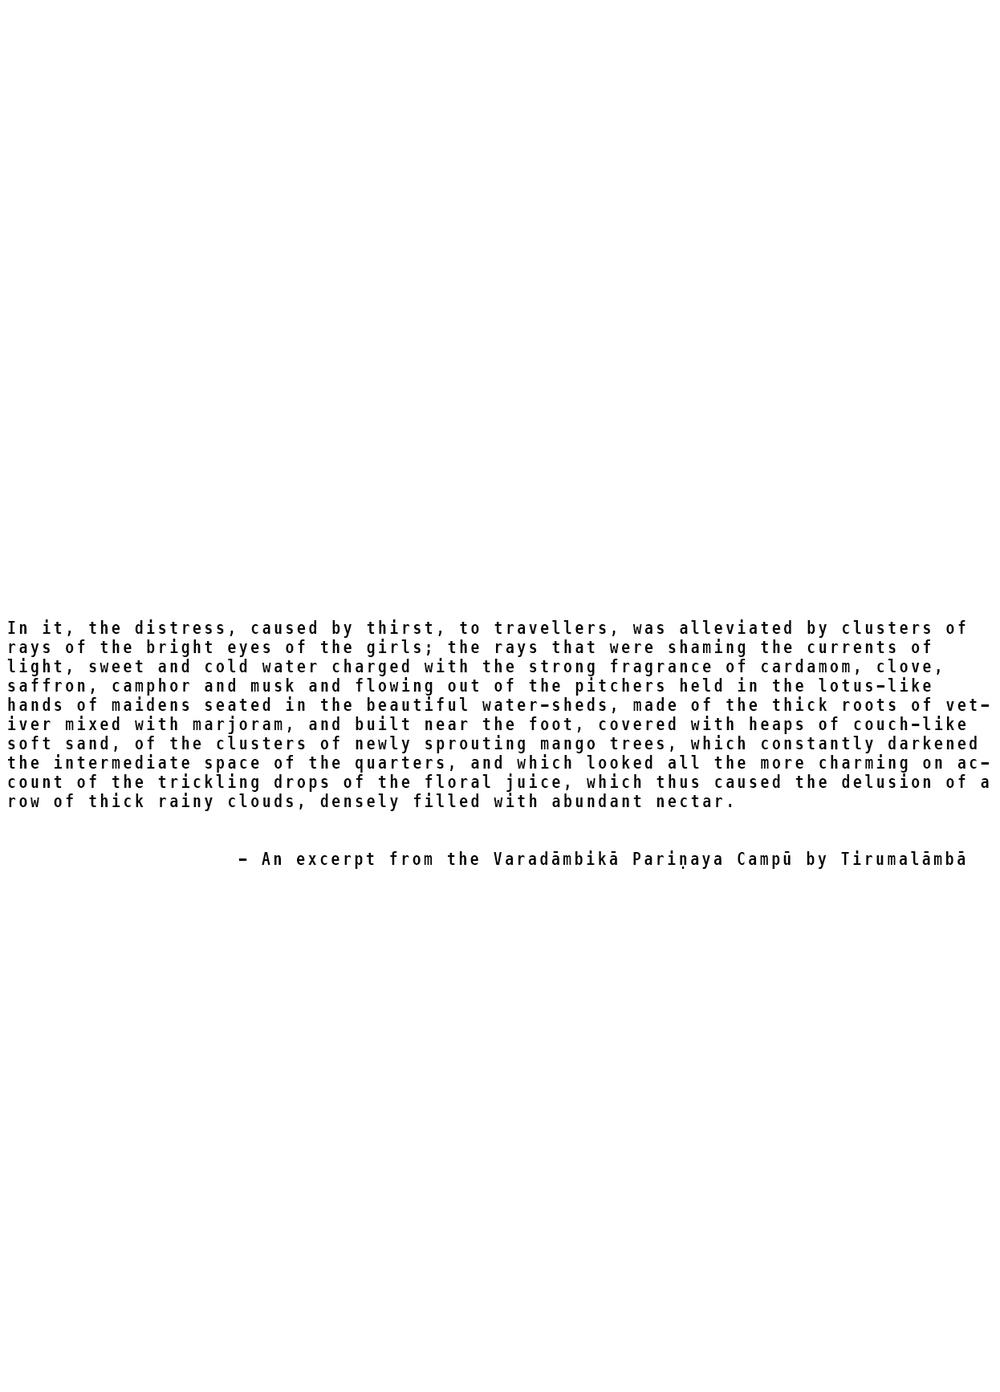 Sanskrit_LongestWord_Didyoumean3.jpg